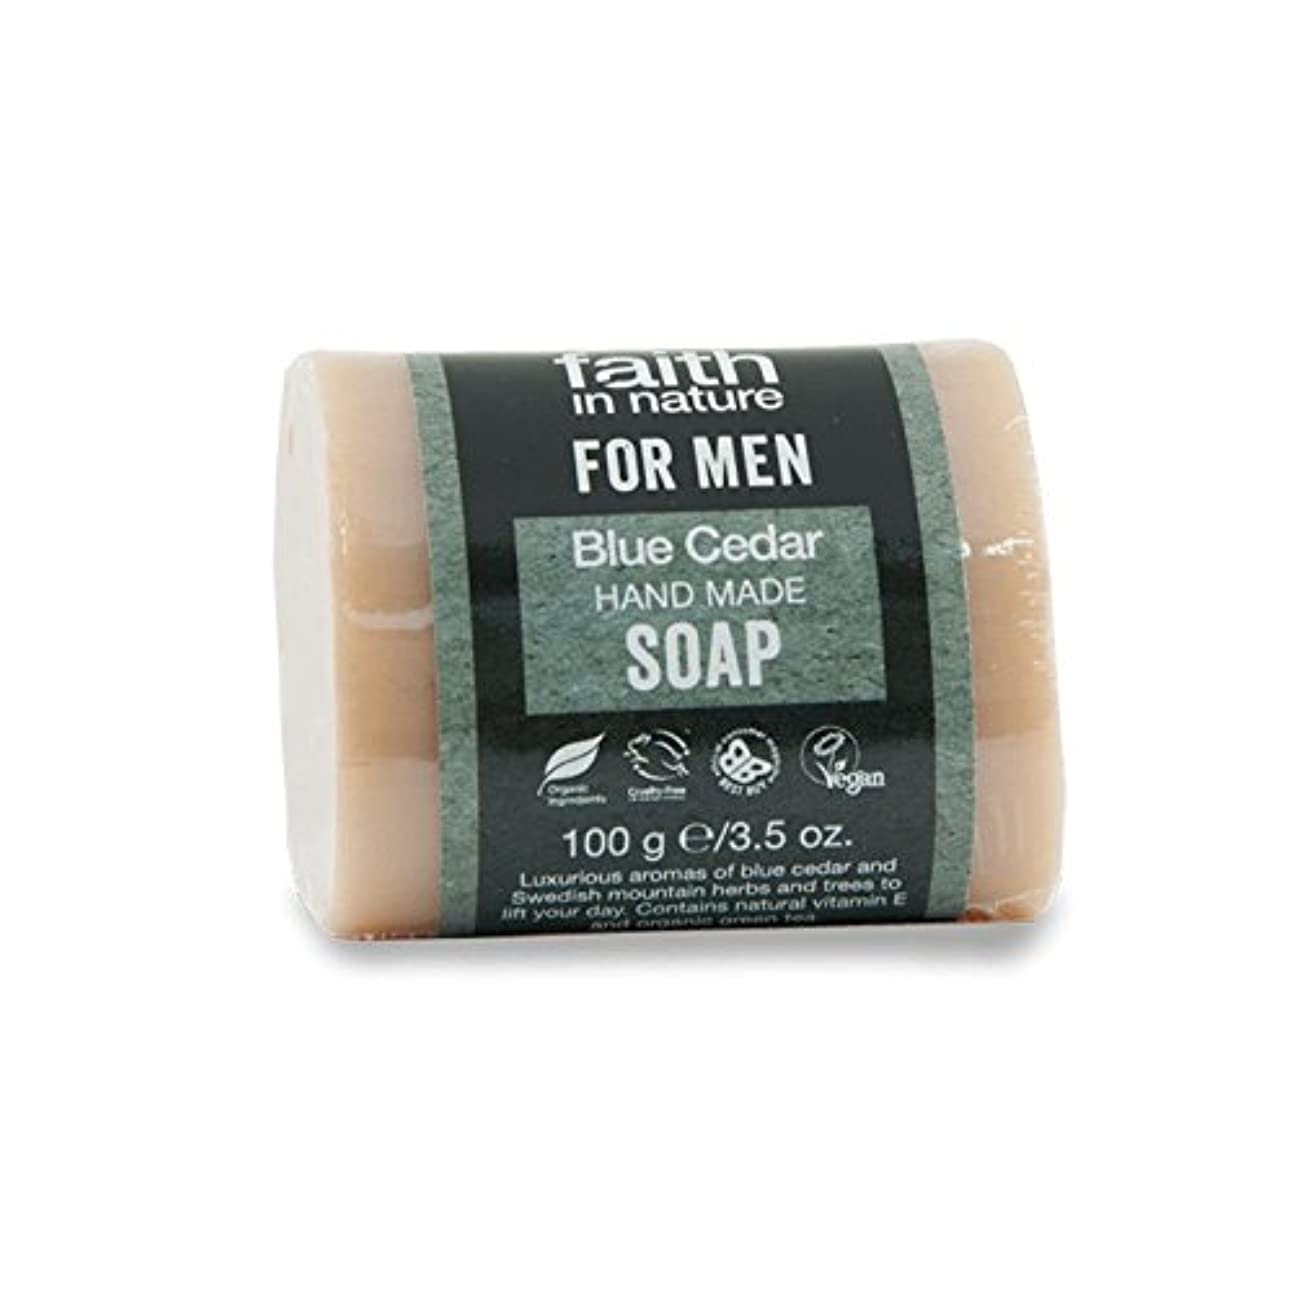 マスク検出する承認する男性青杉の石鹸100グラムのための自然の中で信仰 - Faith in Nature for Men Blue Cedar Soap 100g (Faith in Nature) [並行輸入品]